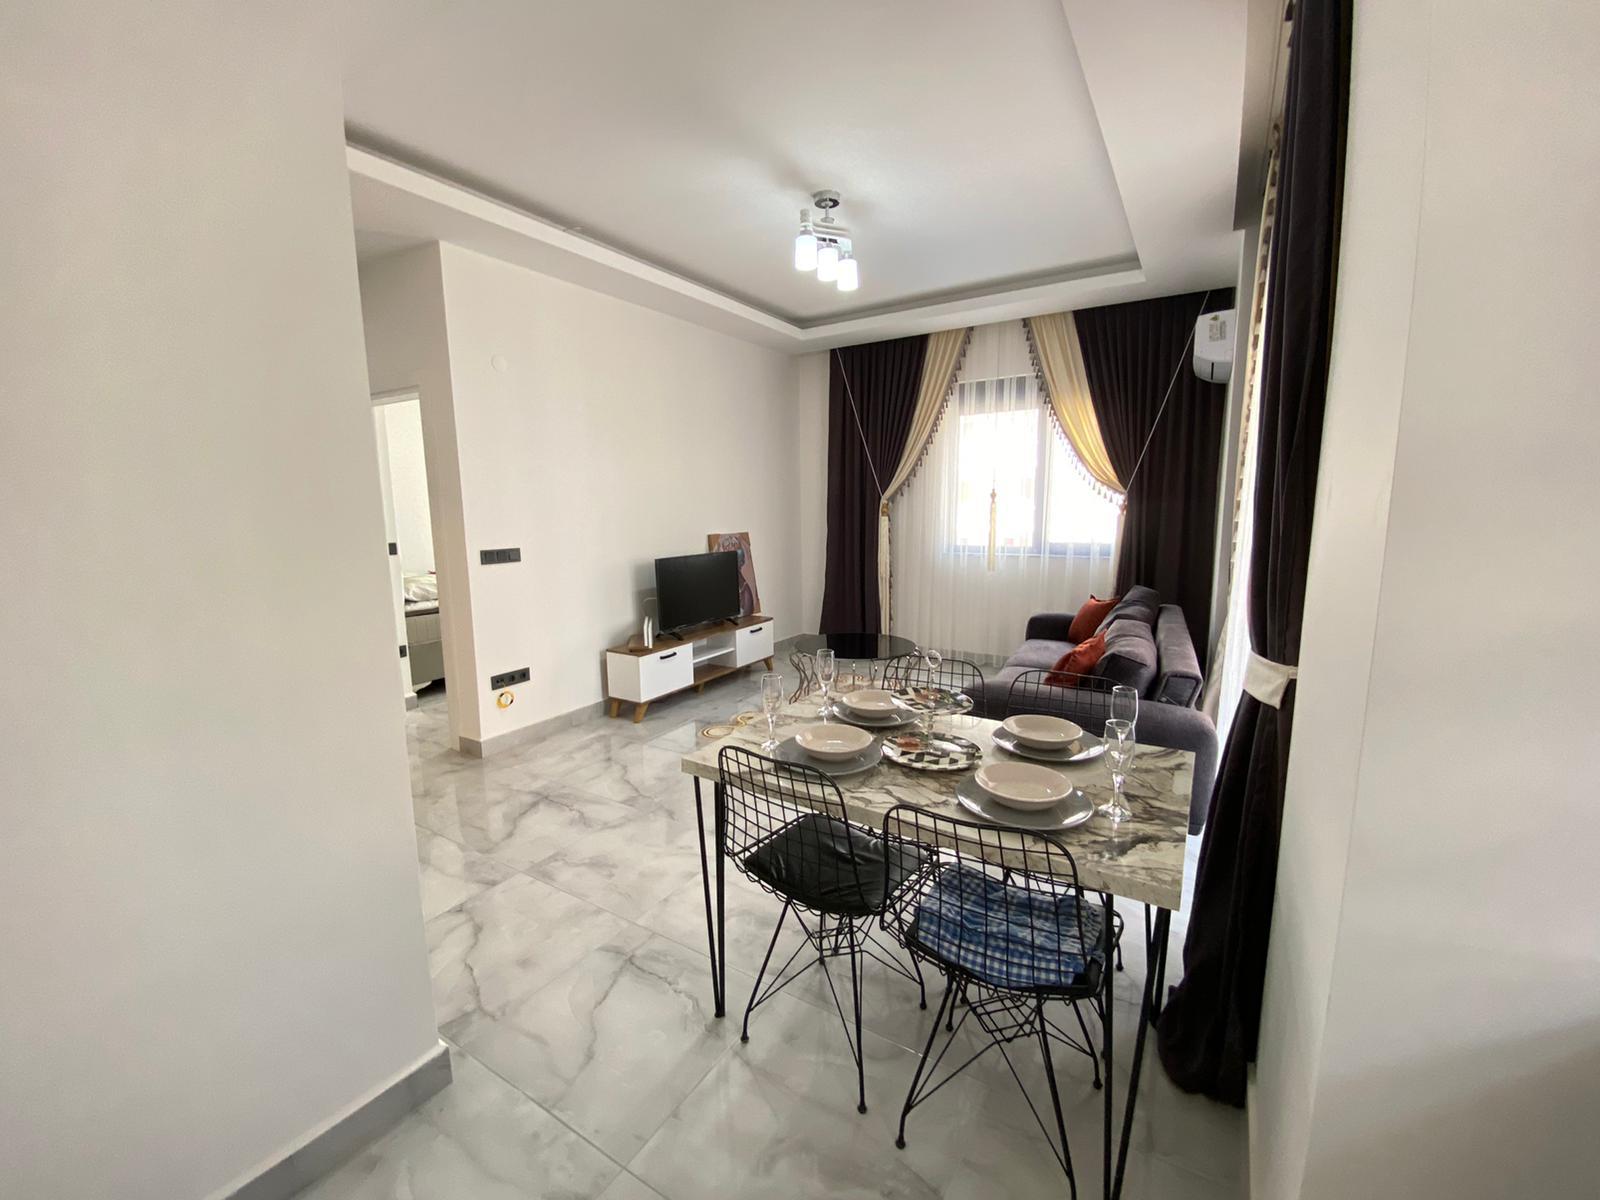 Двухкомнатная квартира в районе Махмутлар. - Фото 10